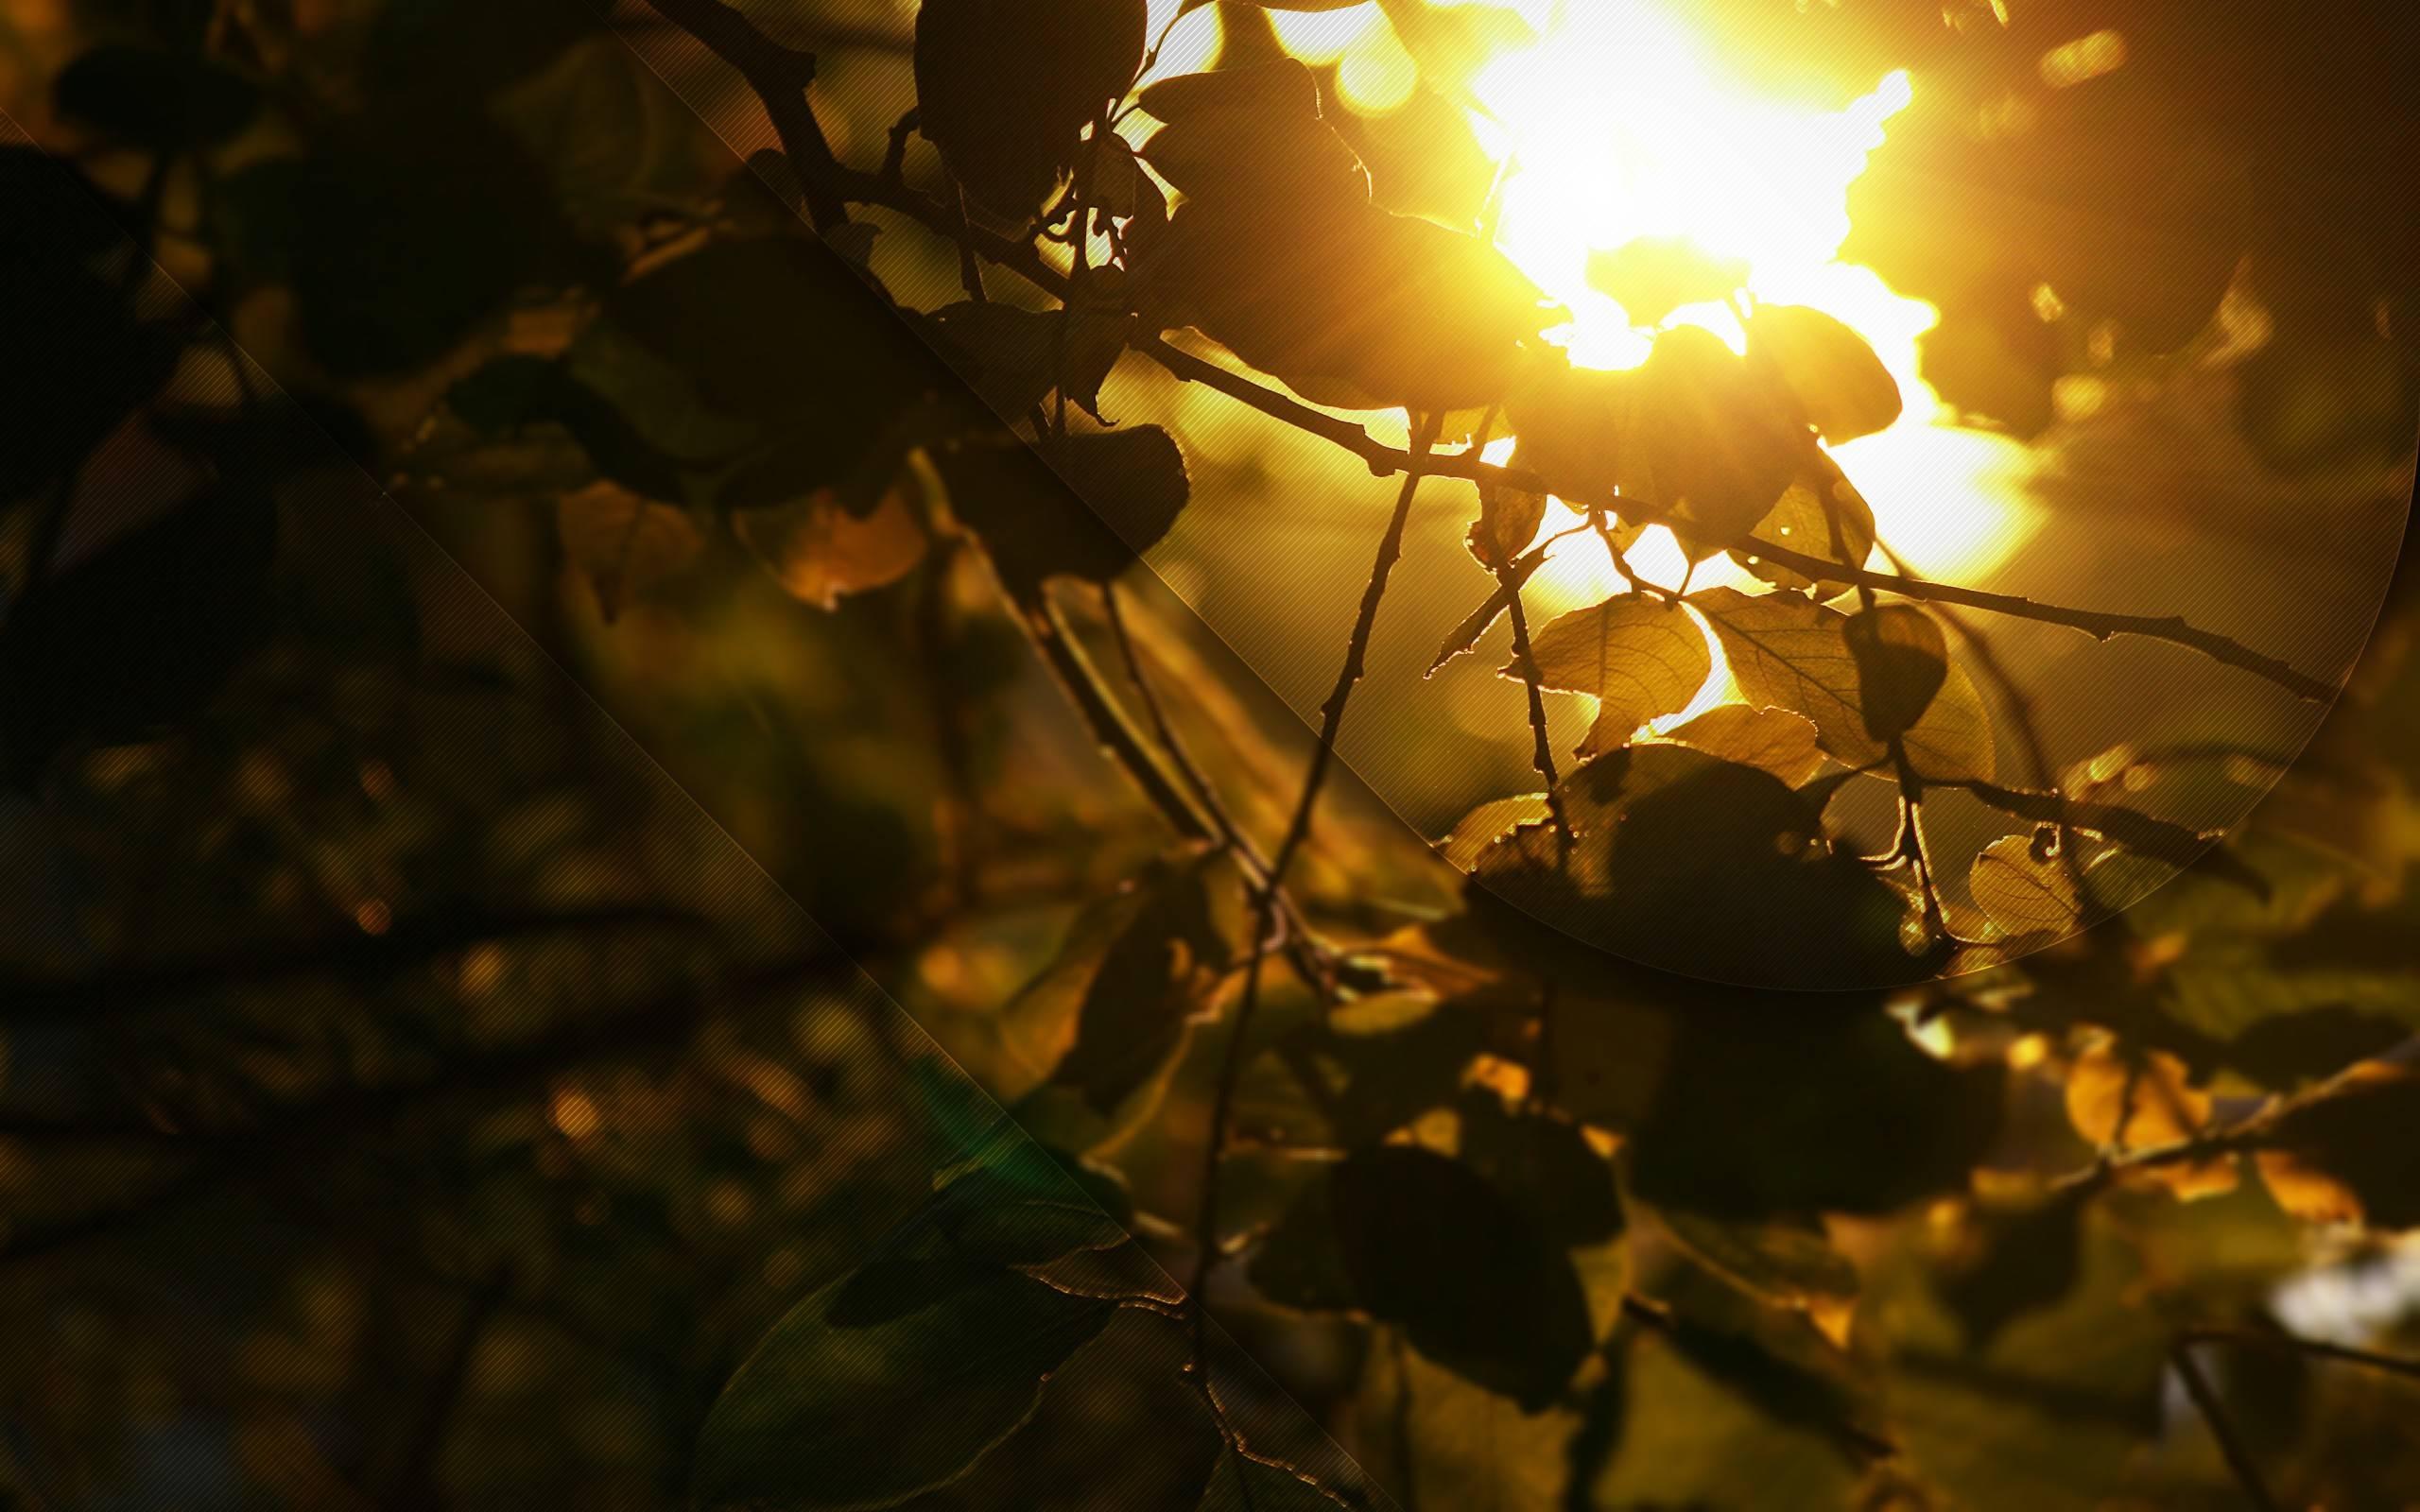 Related For Beautiful Sunlight Wallpaper. Beautiful Sunlight